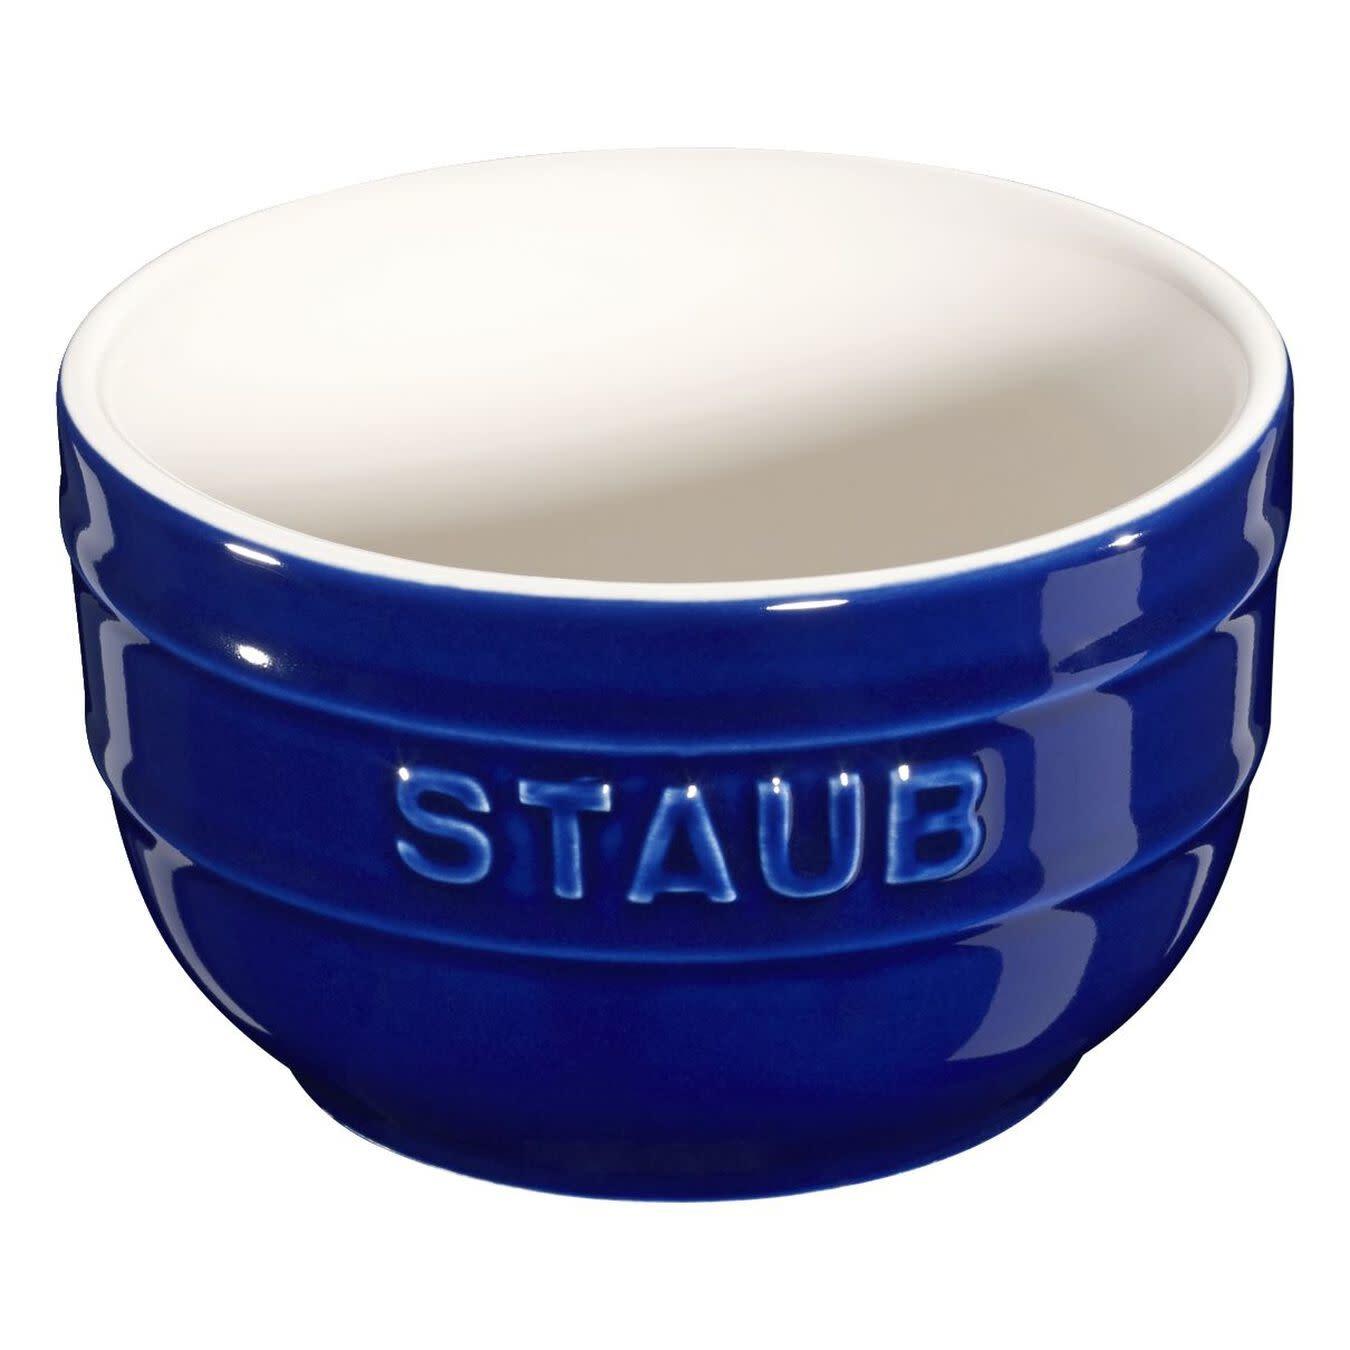 Staub Ramekin Set 2pc 235ml / 0.25qt  Blue